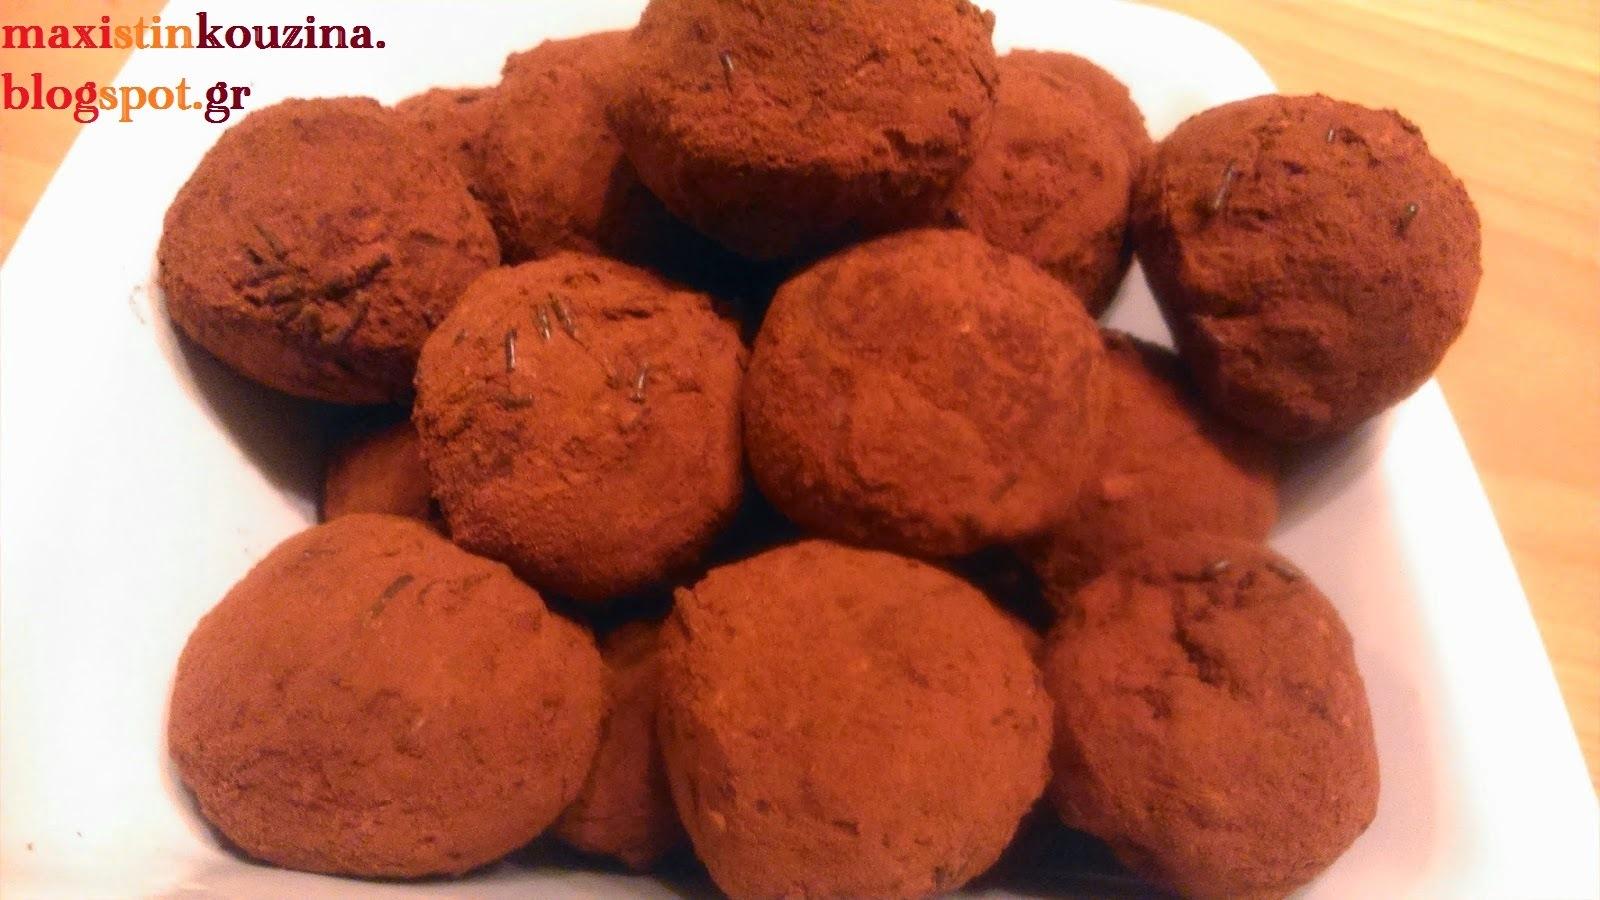 Τρούφες Σοκολατένιες Με Φυτική Σαντιγύ, Μπισκότα Ορεο Και Επικάλυψη Με Κακάο